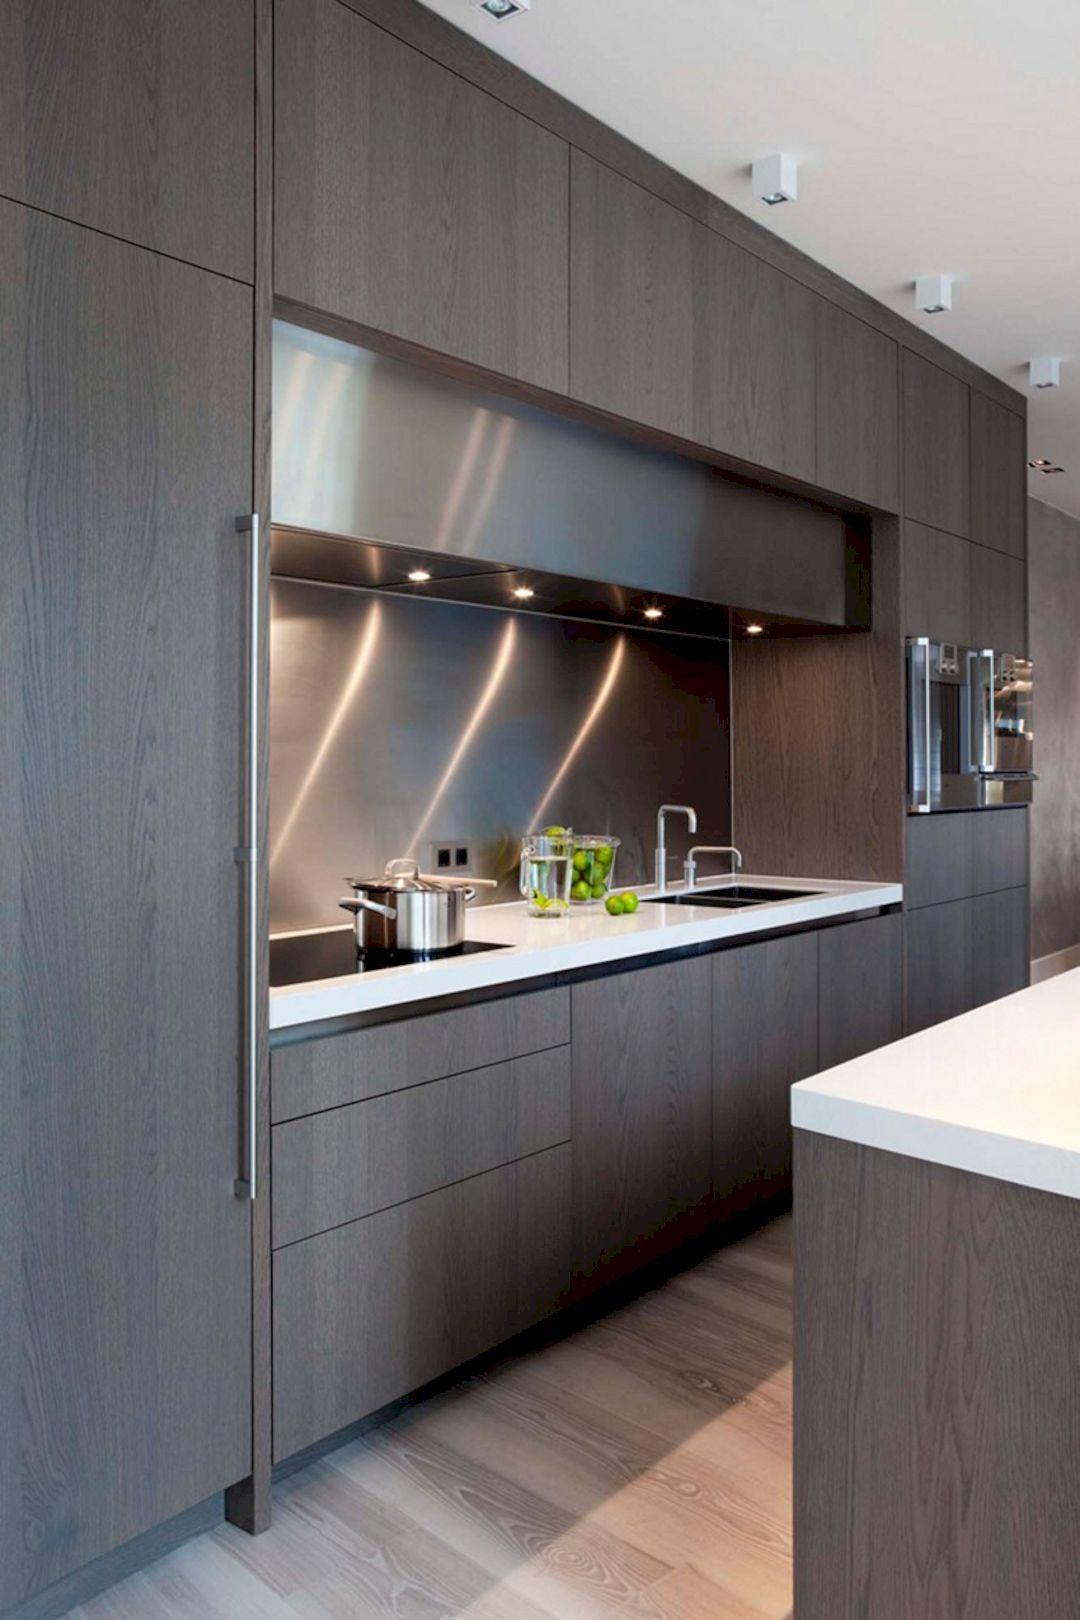 modern kitchen cabinets stylish modern kitchen cabinet: 127 design ideas  https://www.futuristarchitecture.com/20591-modern-kitchen-cabinet.html MHDZUGW